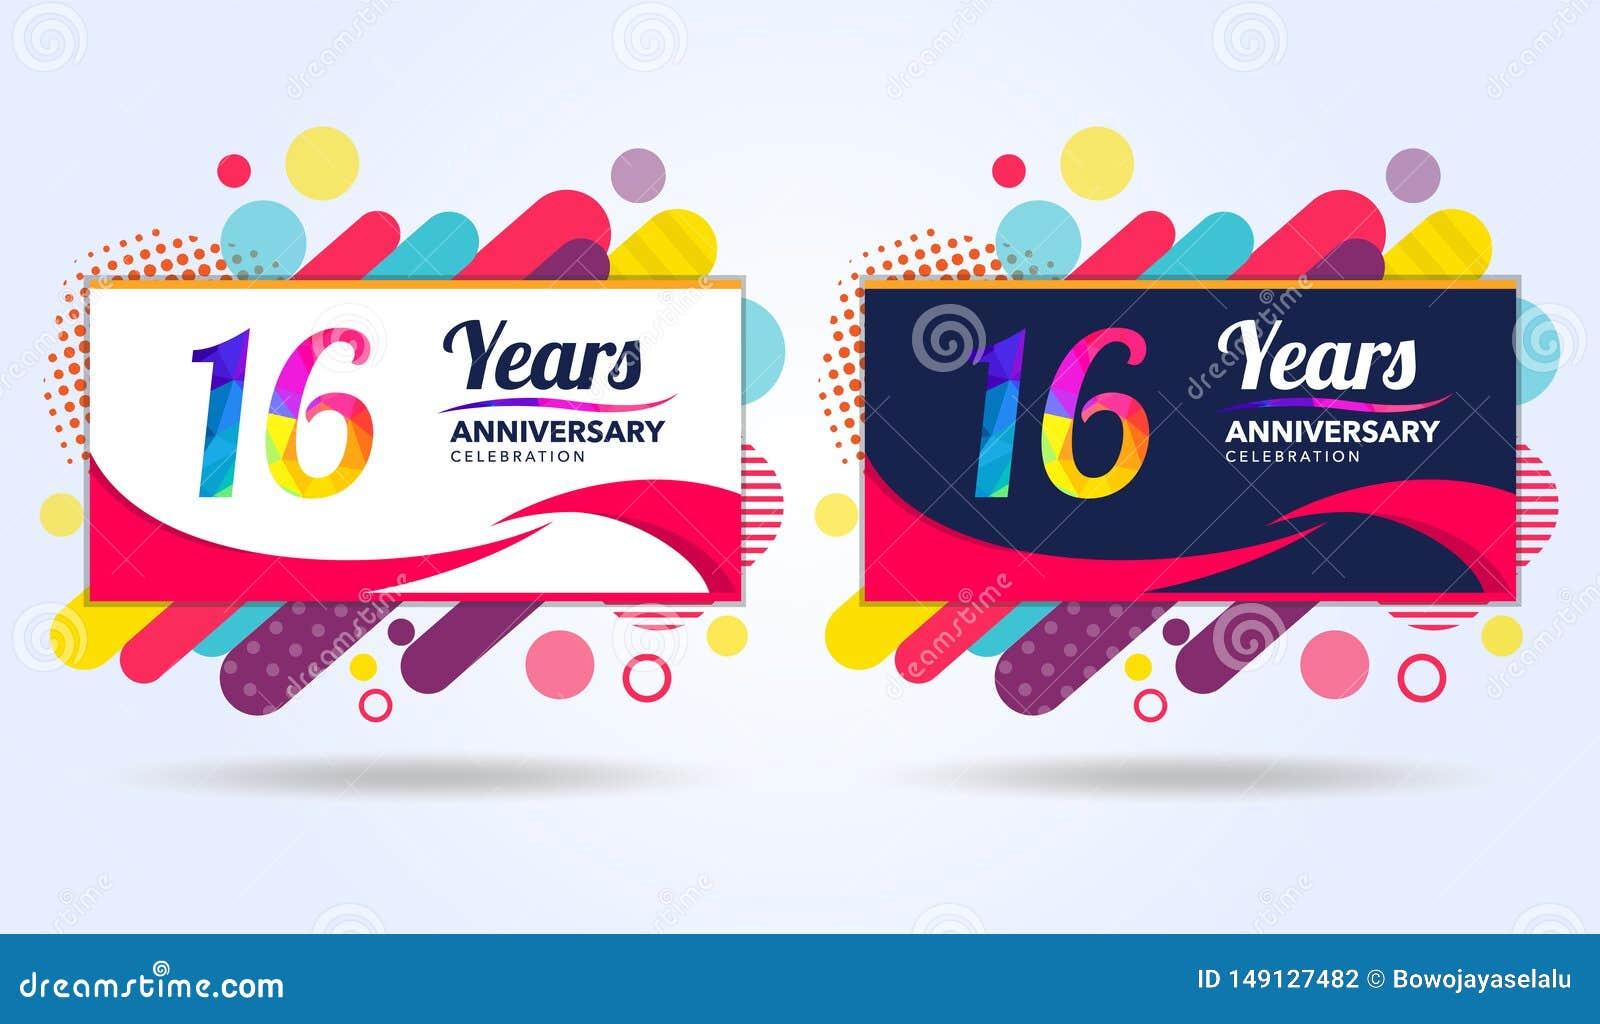 16 a?os de aniversario con los elementos cuadrados modernos del dise?o, edici?n colorida, dise?o de la plantilla de la celebraci?